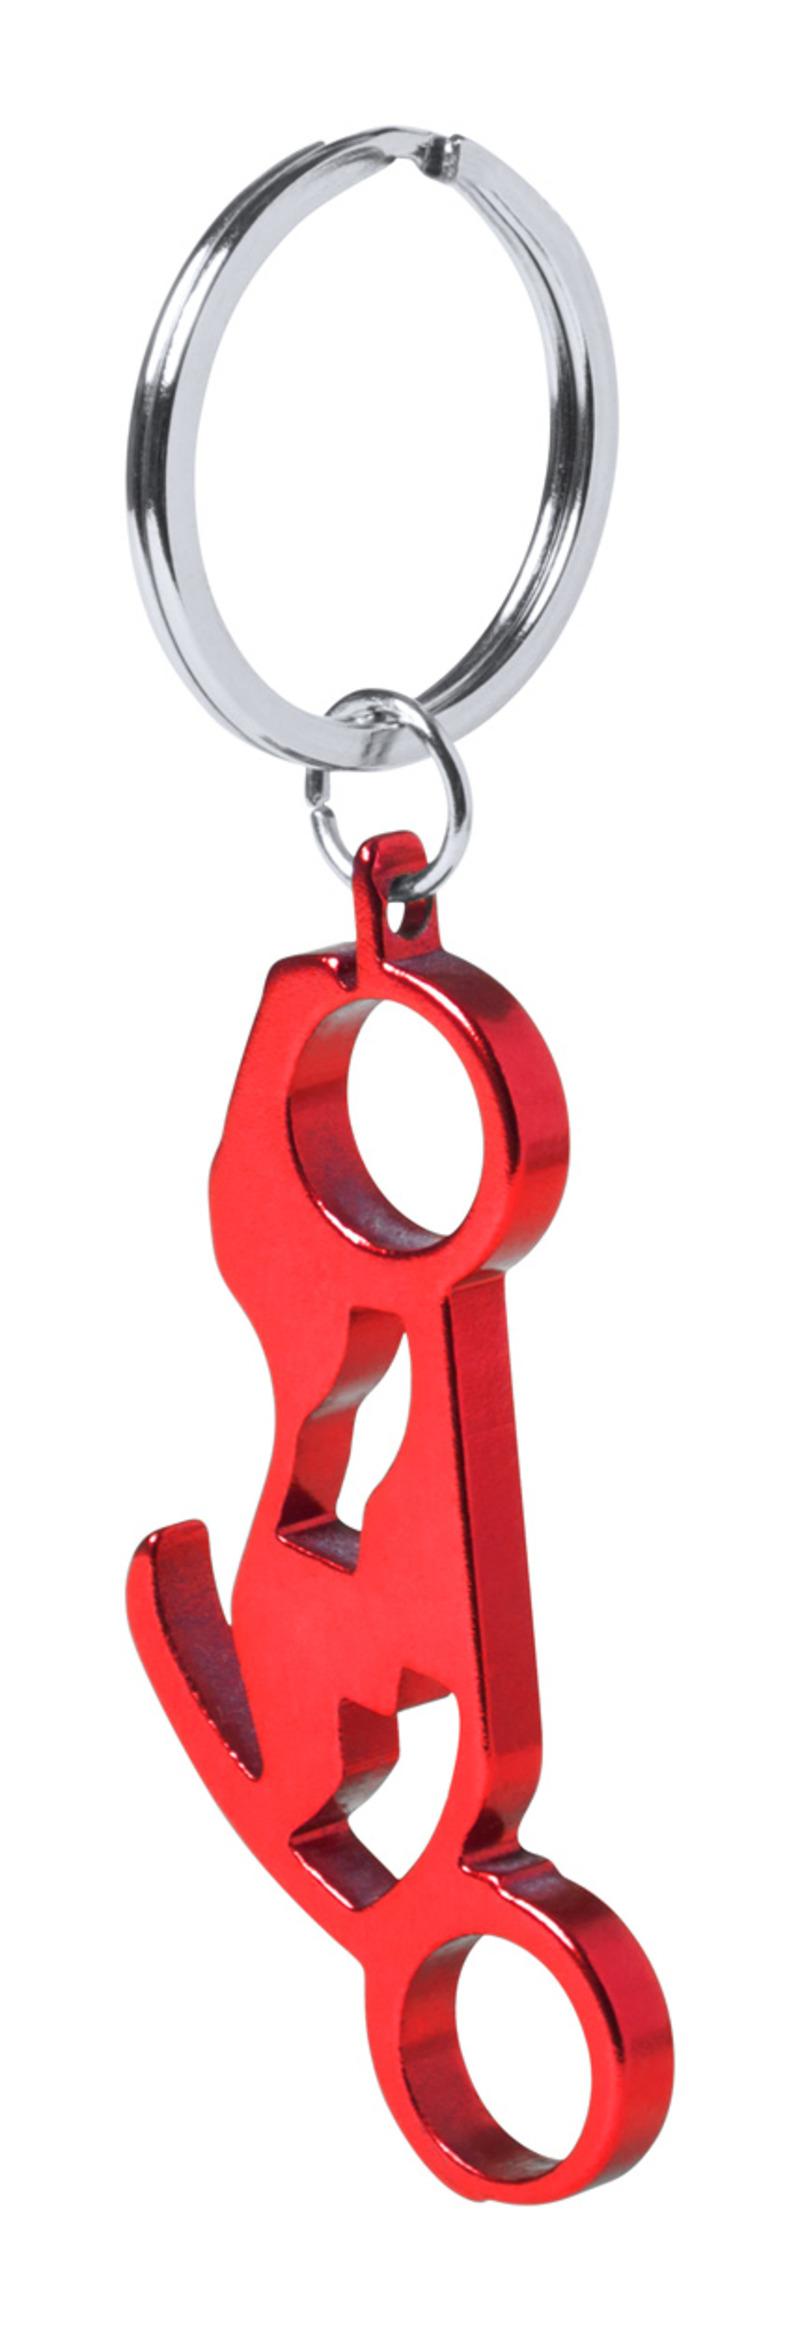 Blicher opener keyring